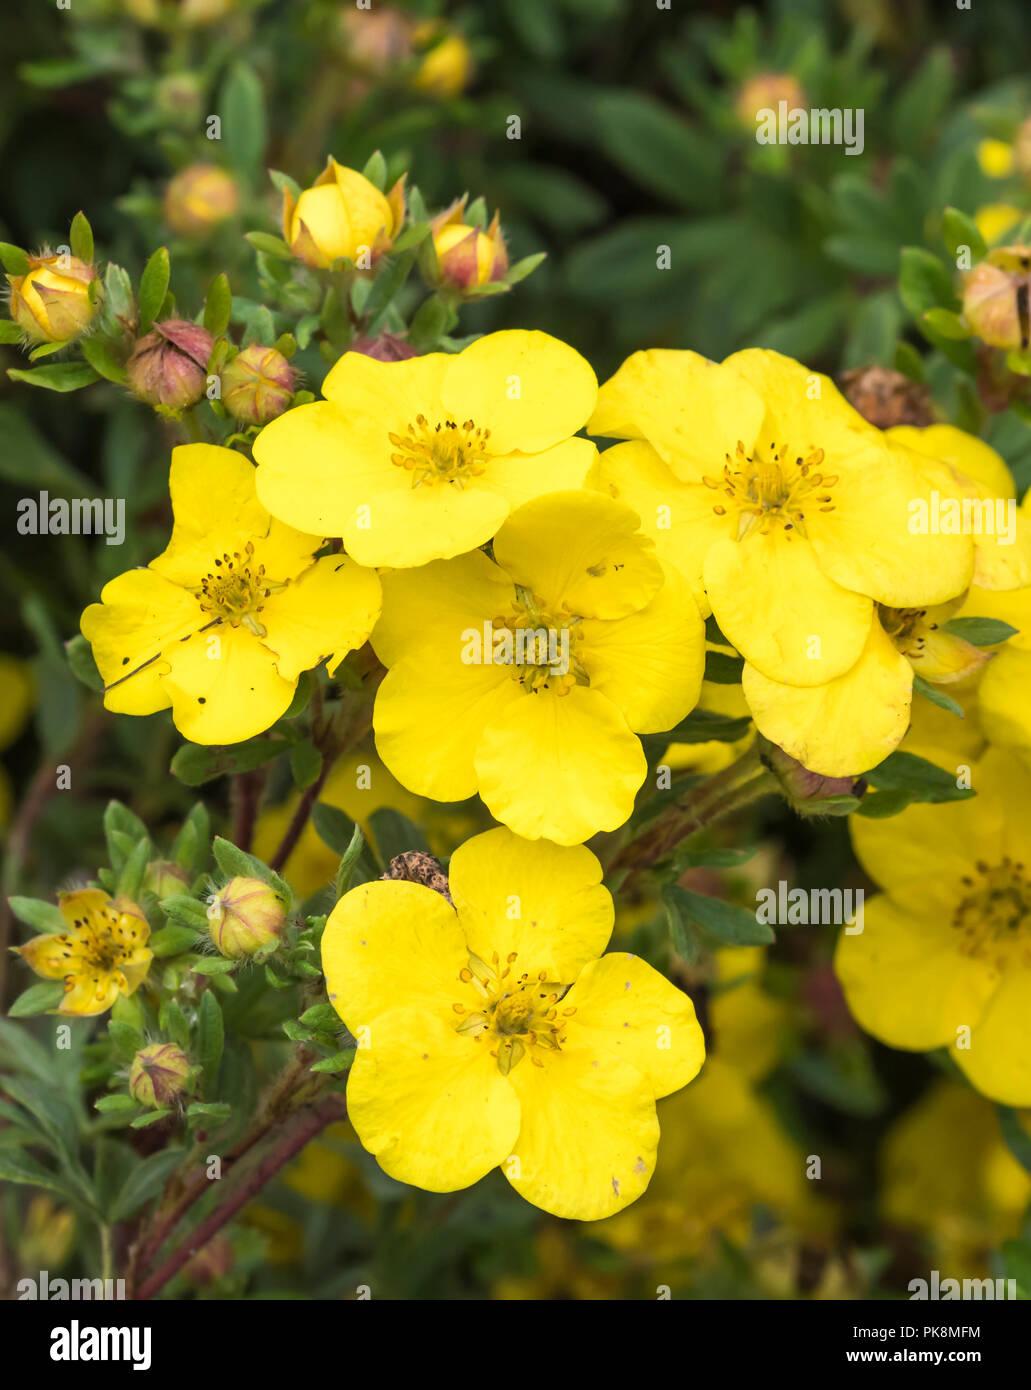 """Die potentilla fruticosa 'ommerflor (AKA strauchigen Cinquefoil ommerflor'S""""), eine gelbe buschige sommergrüne Strauch im frühen Herbst in West Sussex, England, UK. Stockfoto"""